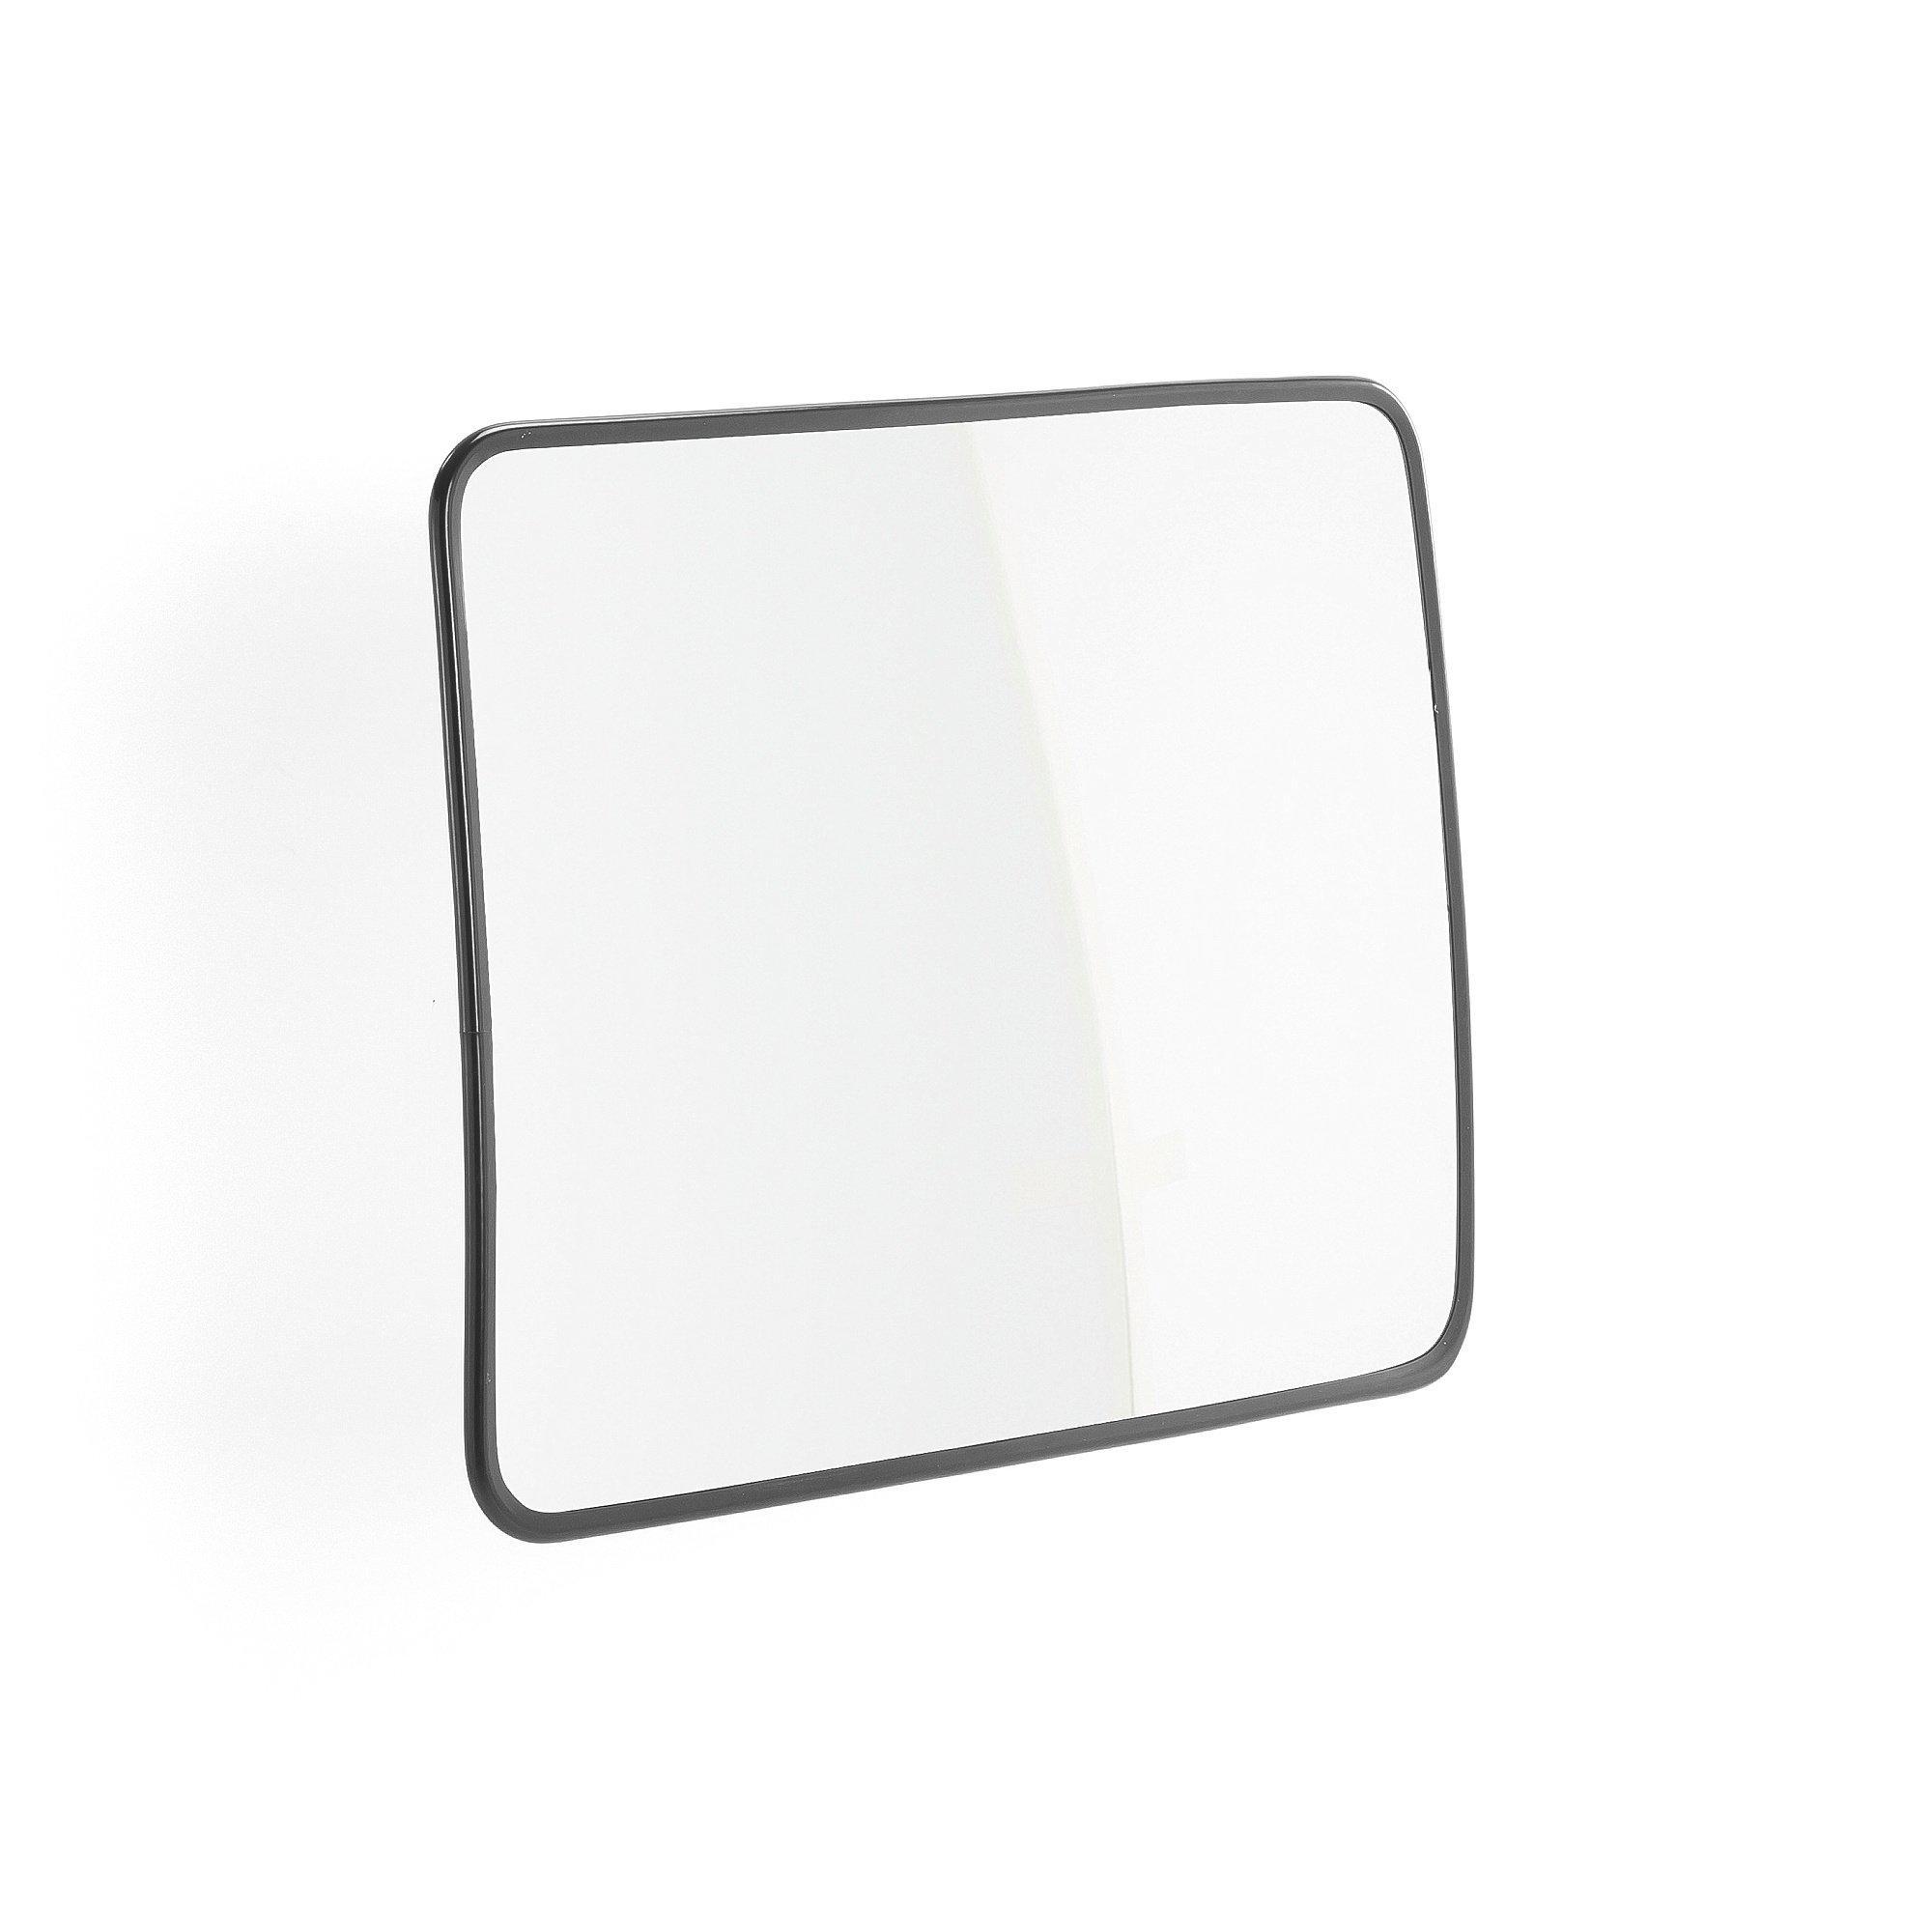 Bezpečnostné priemyselné zrkadlo do obchodu, 800x600 mm